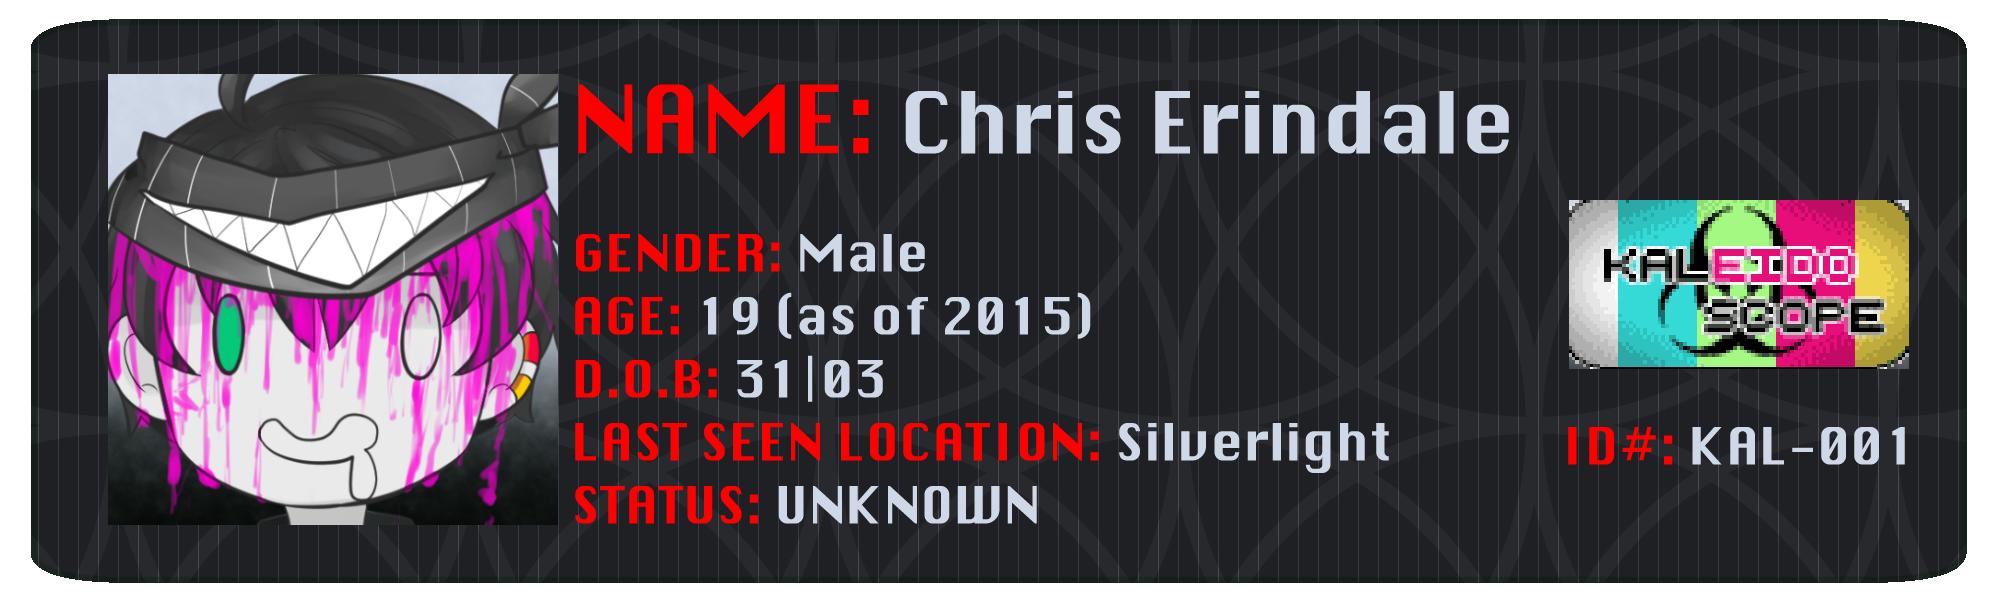 Chris Erindale